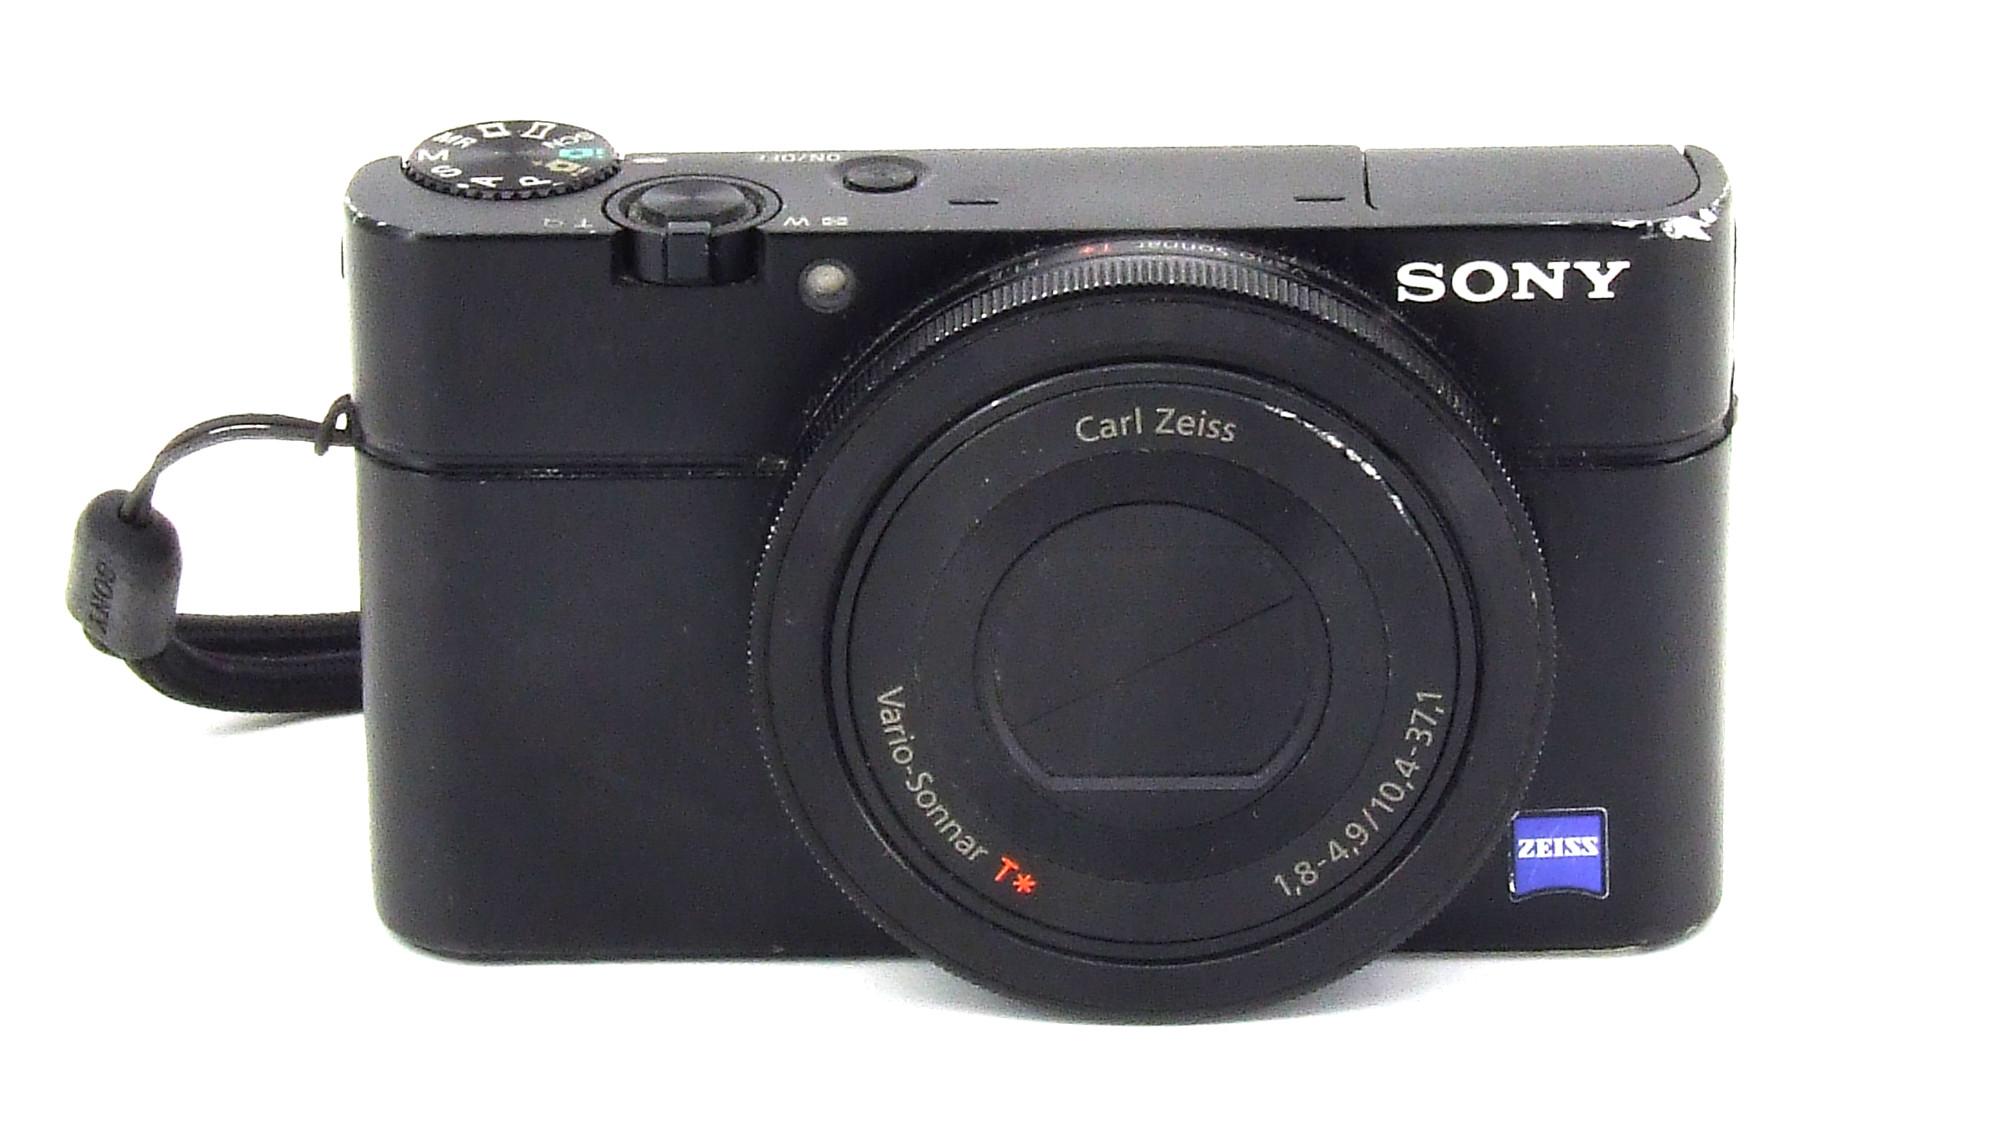 Sony RX100 Digitalkamera leihen